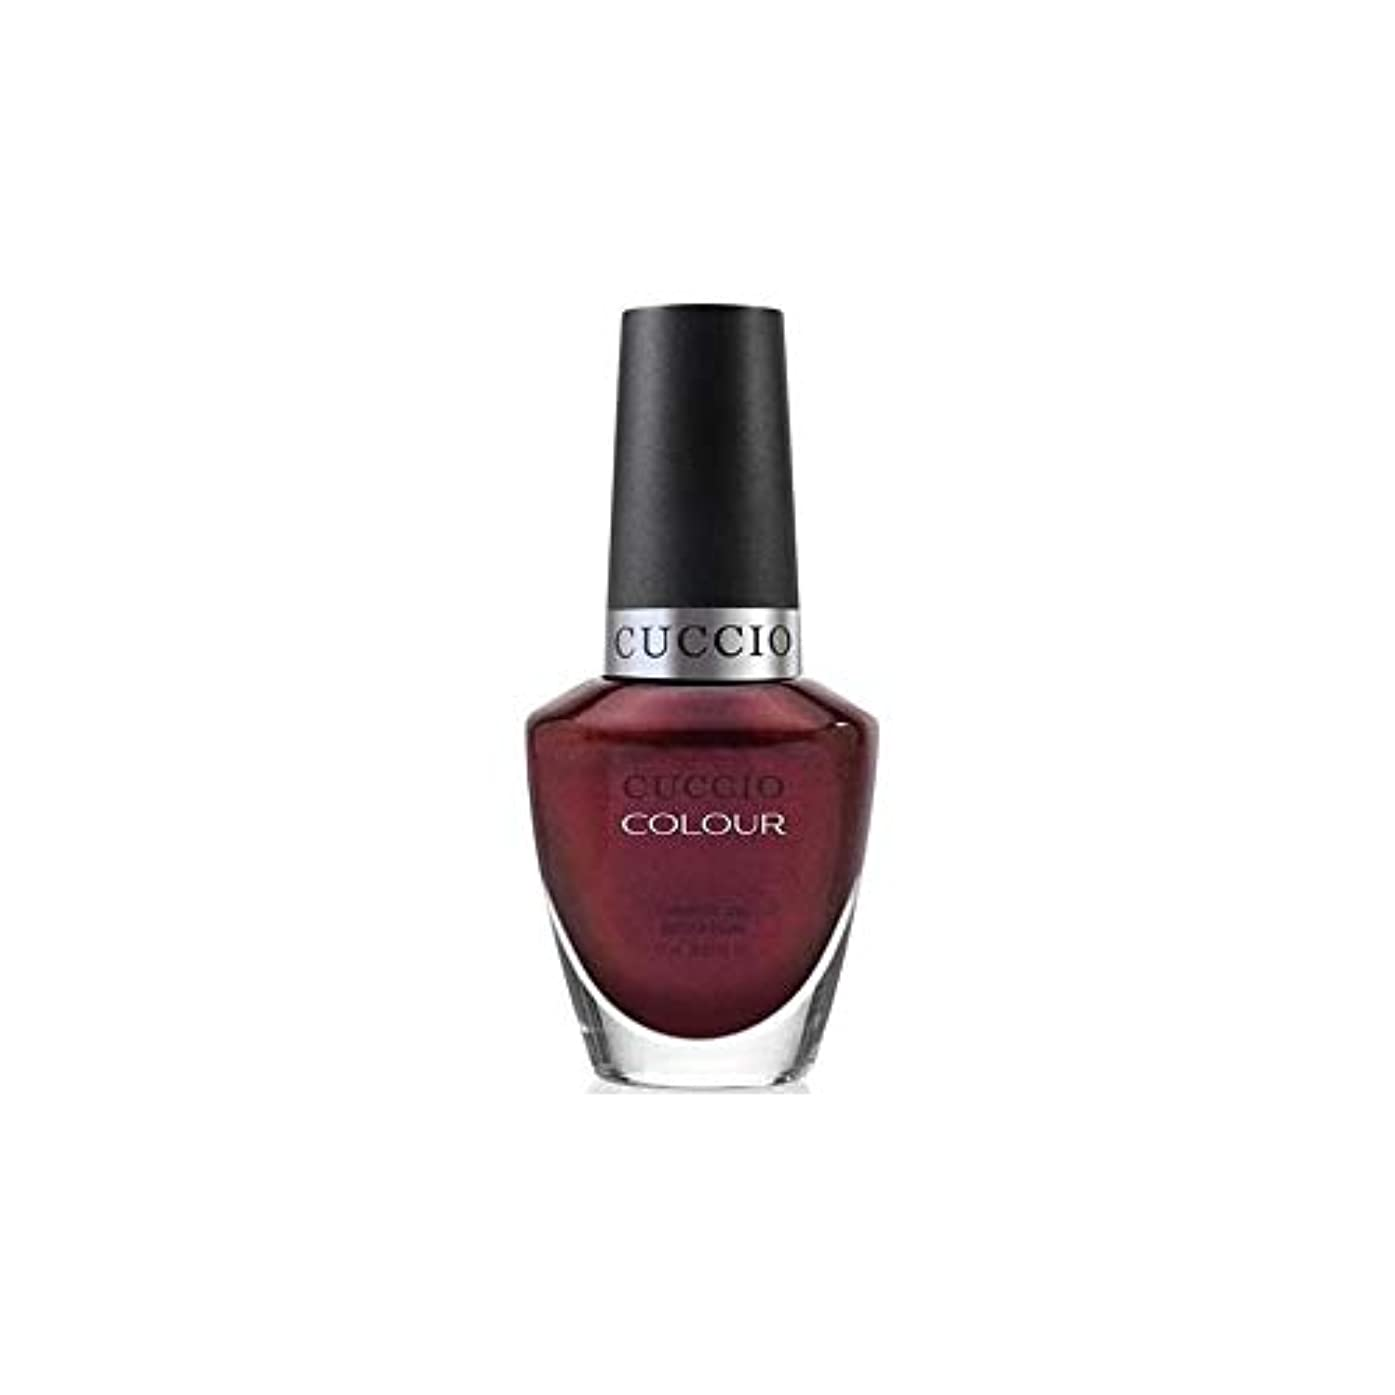 相談するクラシカル減衰Cuccio Colour Gloss Lacquer - Royal Flush - 0.43oz / 13ml